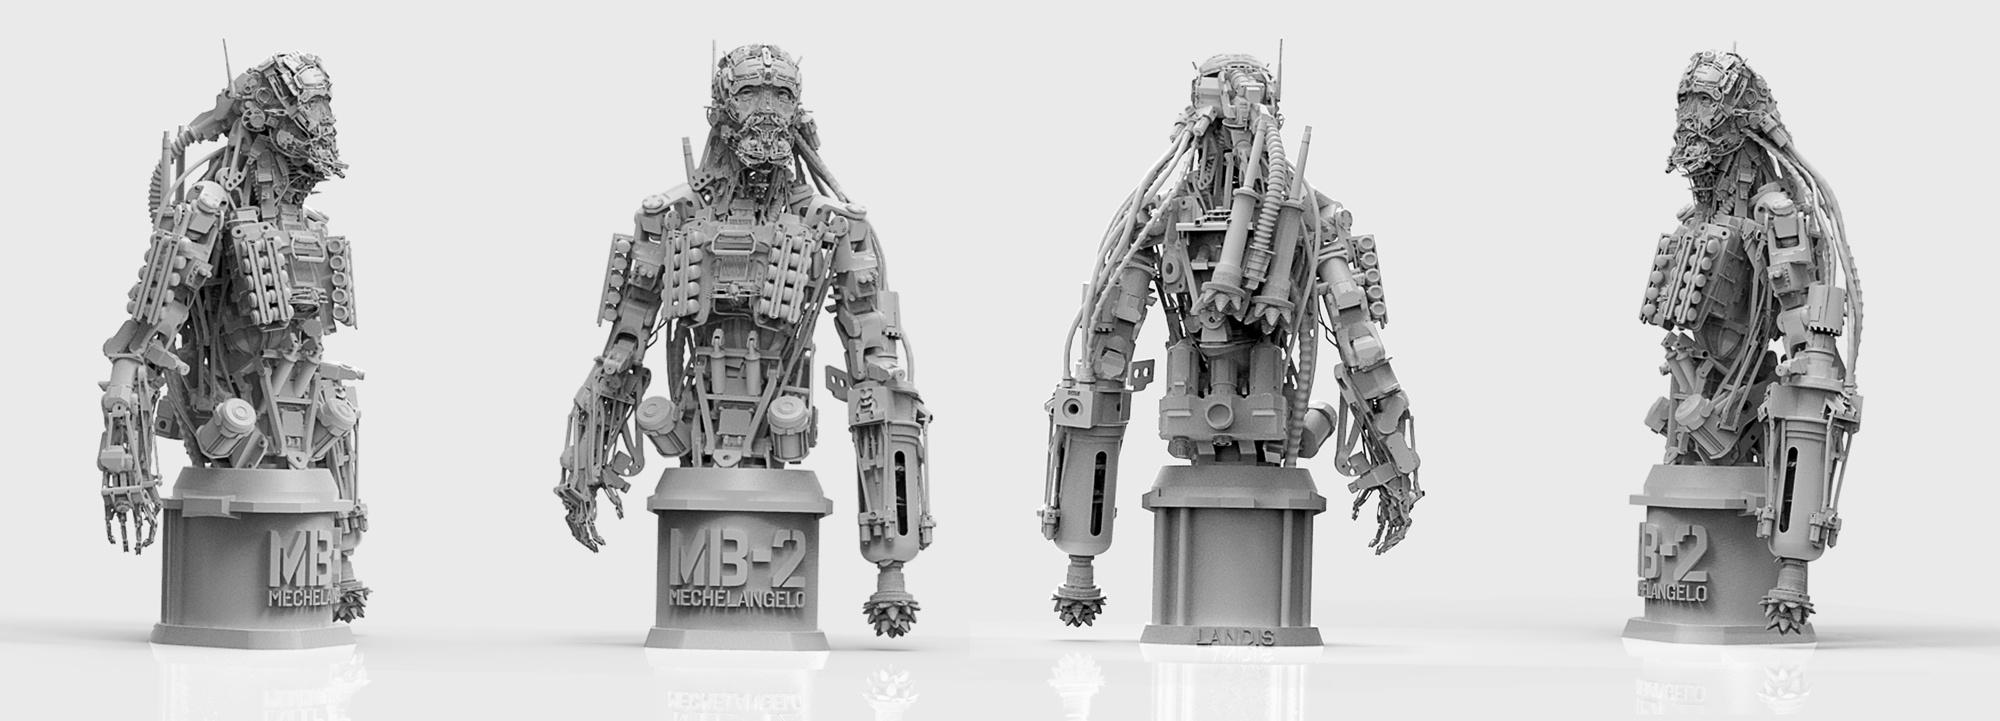 3d renders of Landis Fields' Mechelangelo - Nuthin but Mech: V2